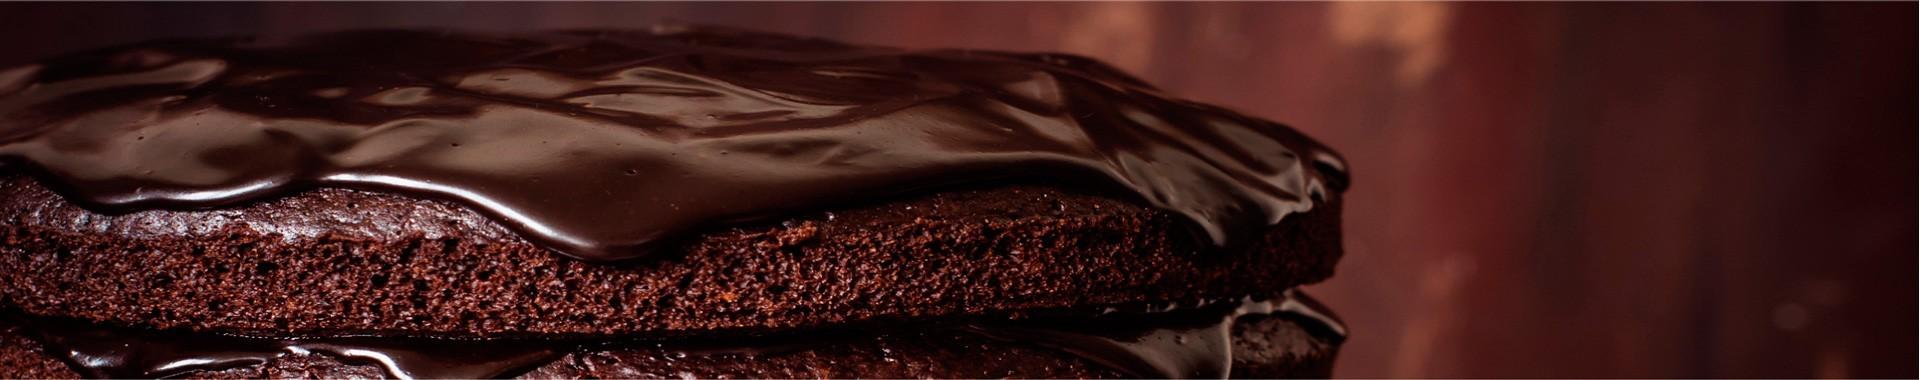 'Fondantes' de chocolate calientes